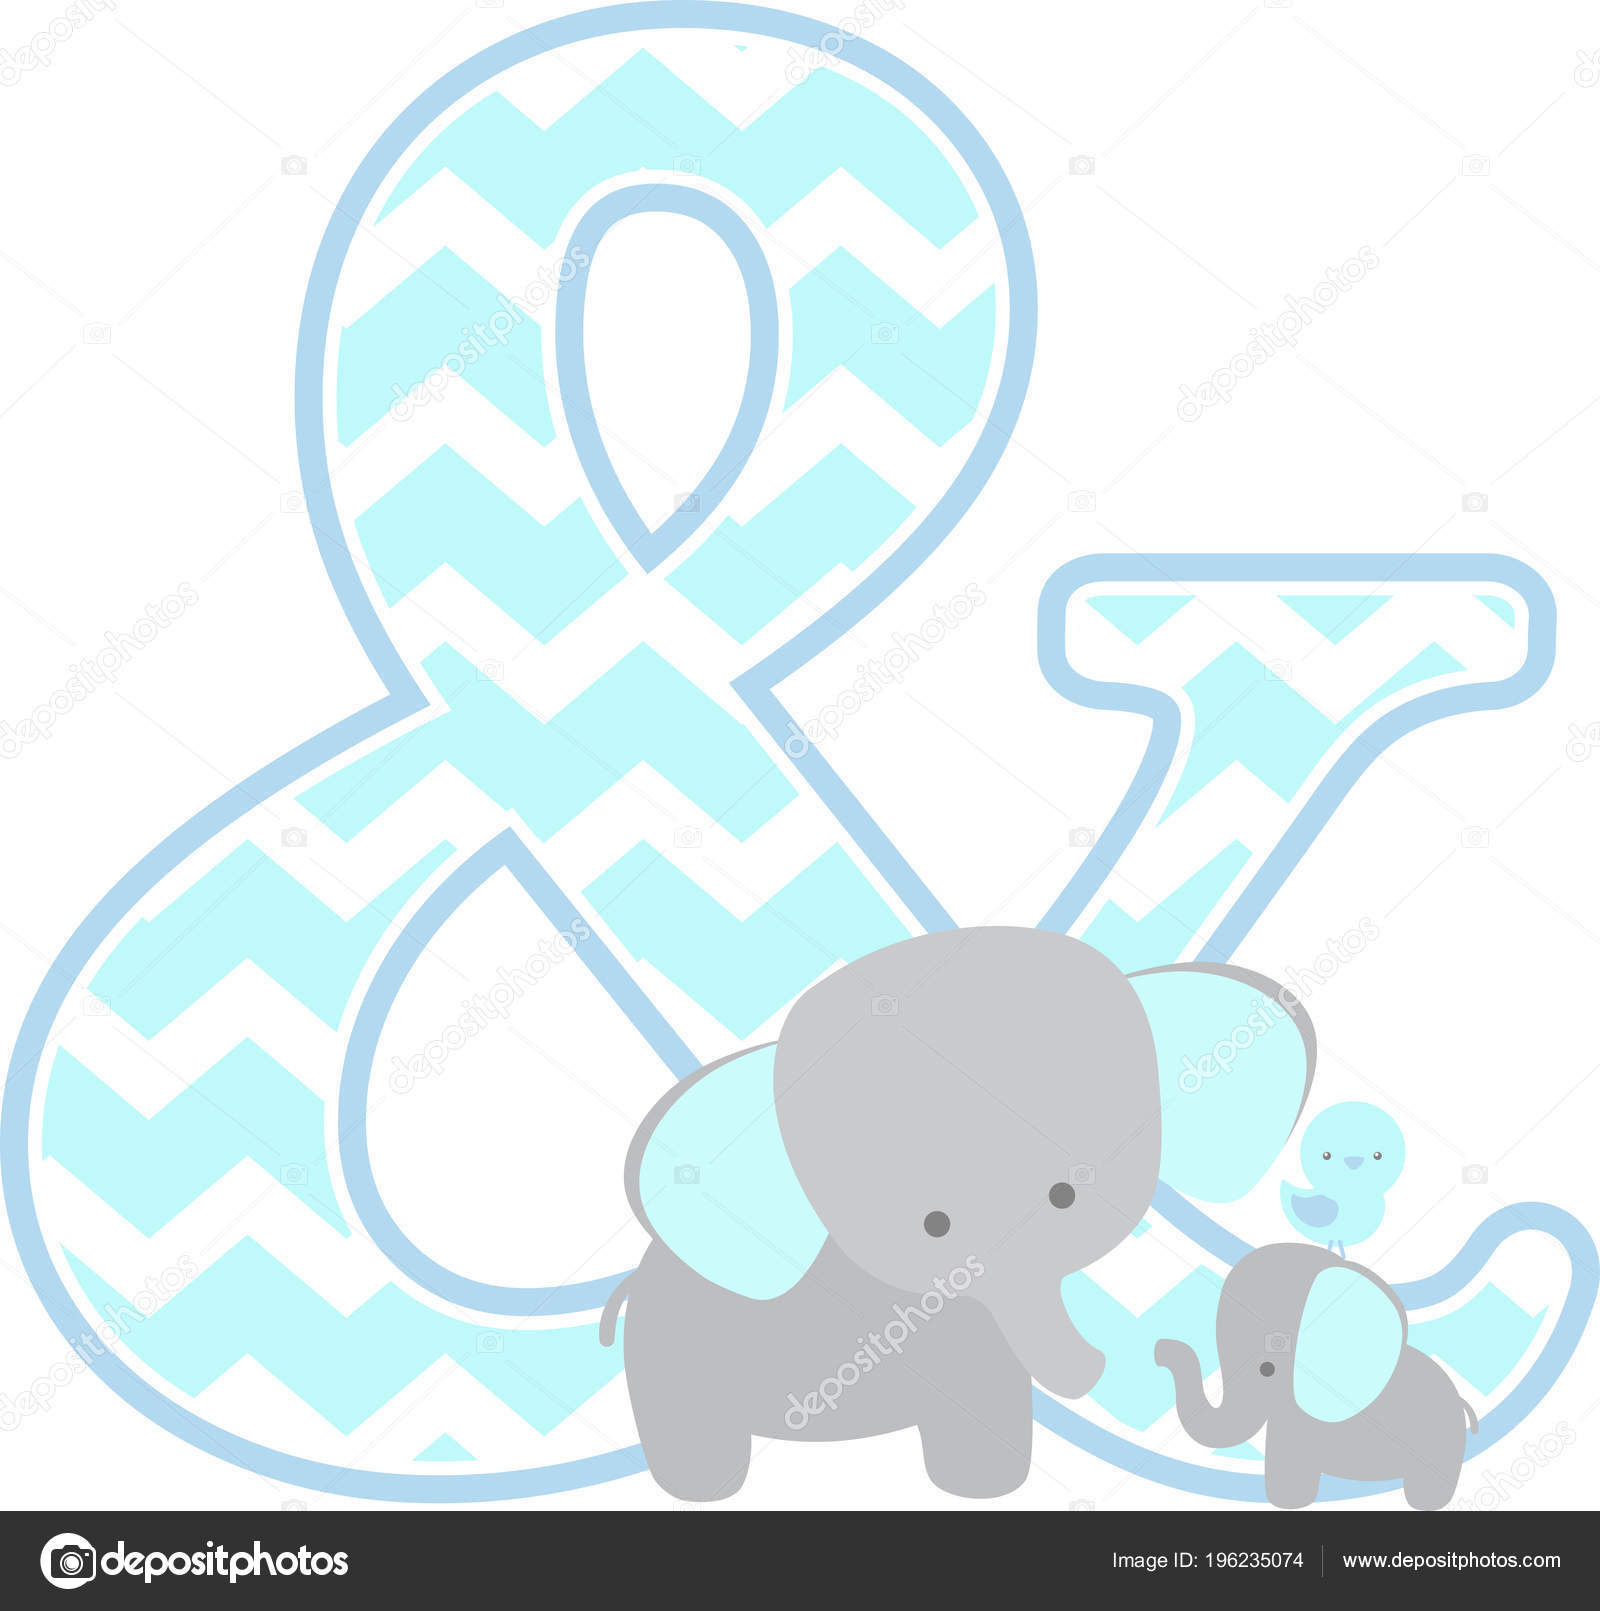 Kaufmannisches Symbol Mit Niedlichen Elefanten Und Kleine Baby